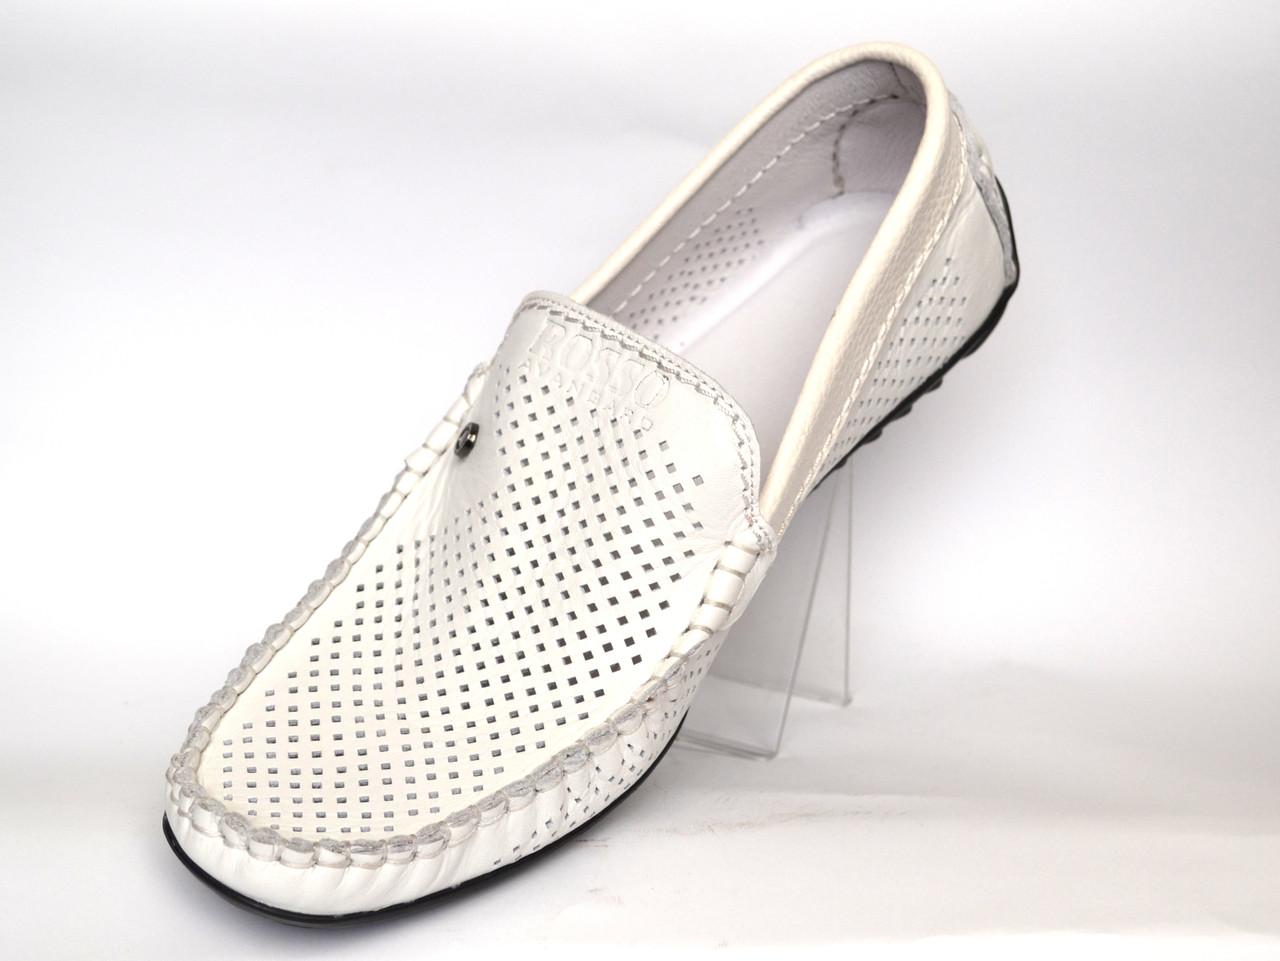 Взуття великих розмірів мжская літні мокасини шкіряні білі перфоровані Rosso Avangard BS PerfWhite